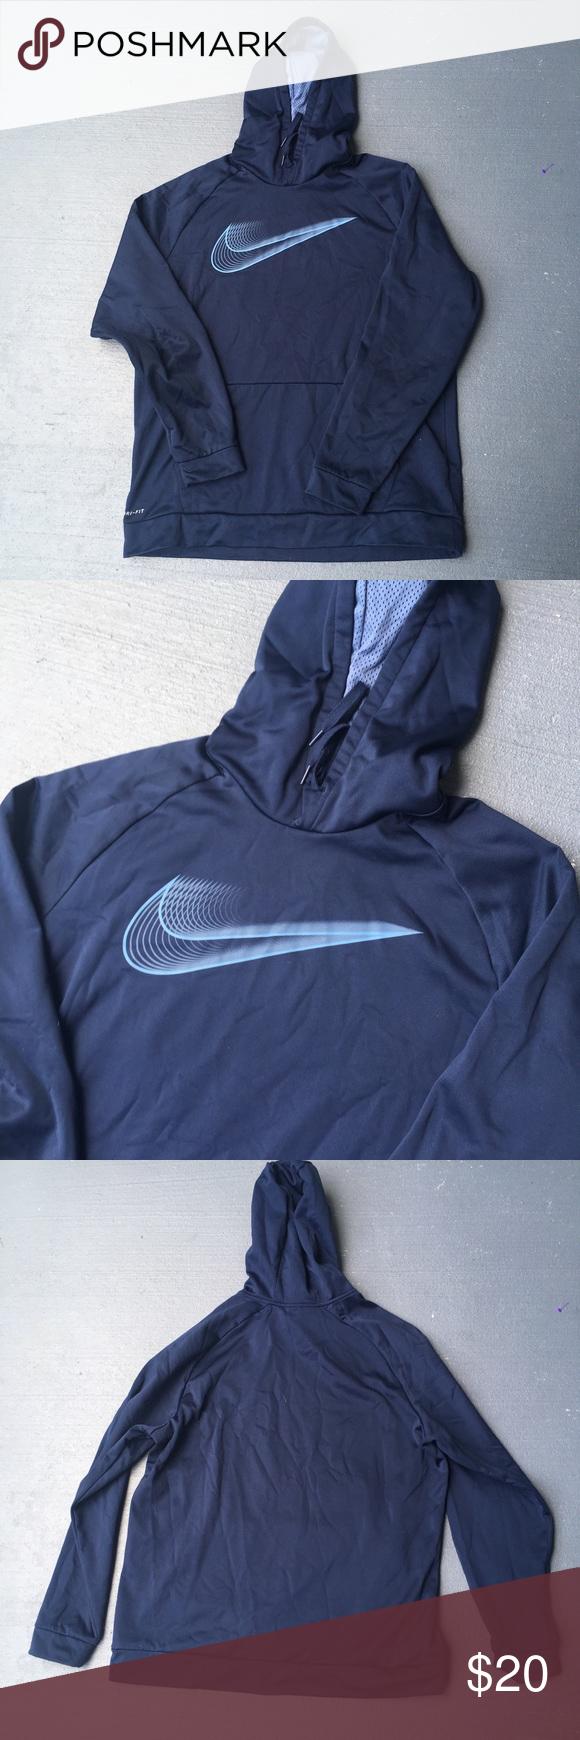 Navy Blue Nike Hoodie Nike Hoodie Blue Nike Nike [ 1740 x 580 Pixel ]